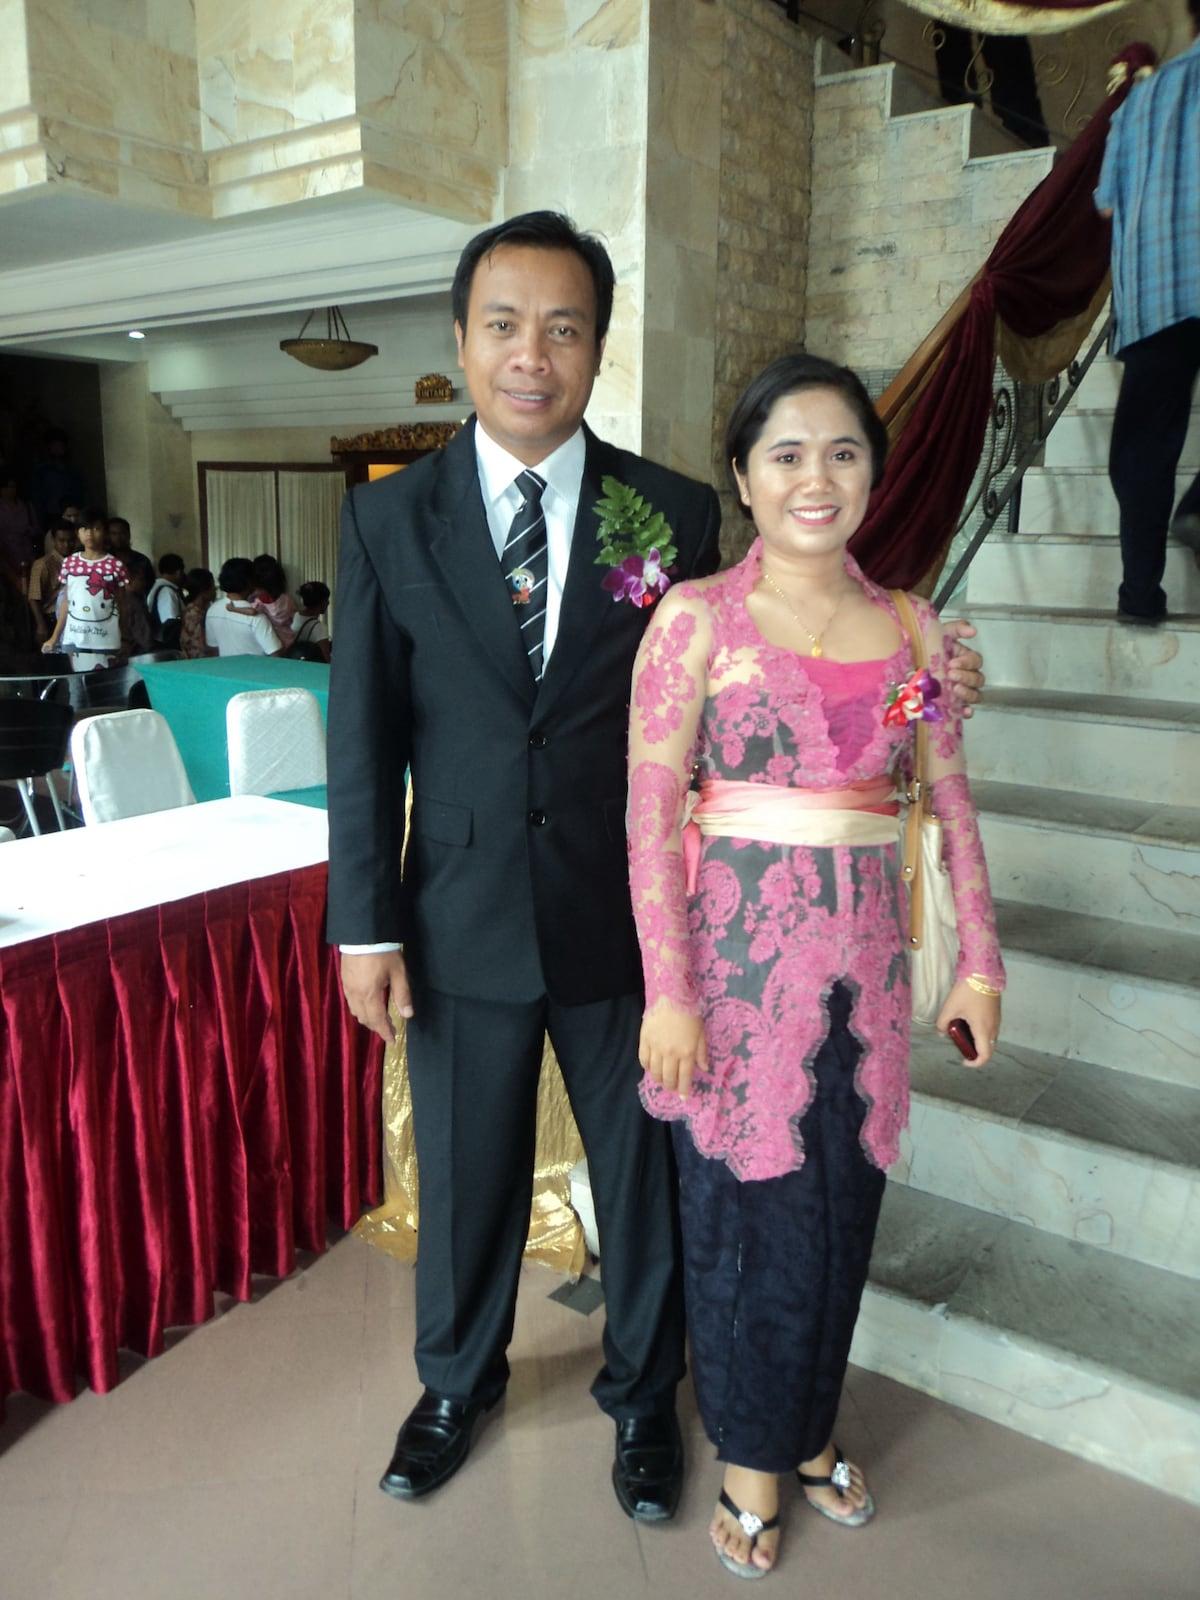 Nyoman Sudi from Denpasar